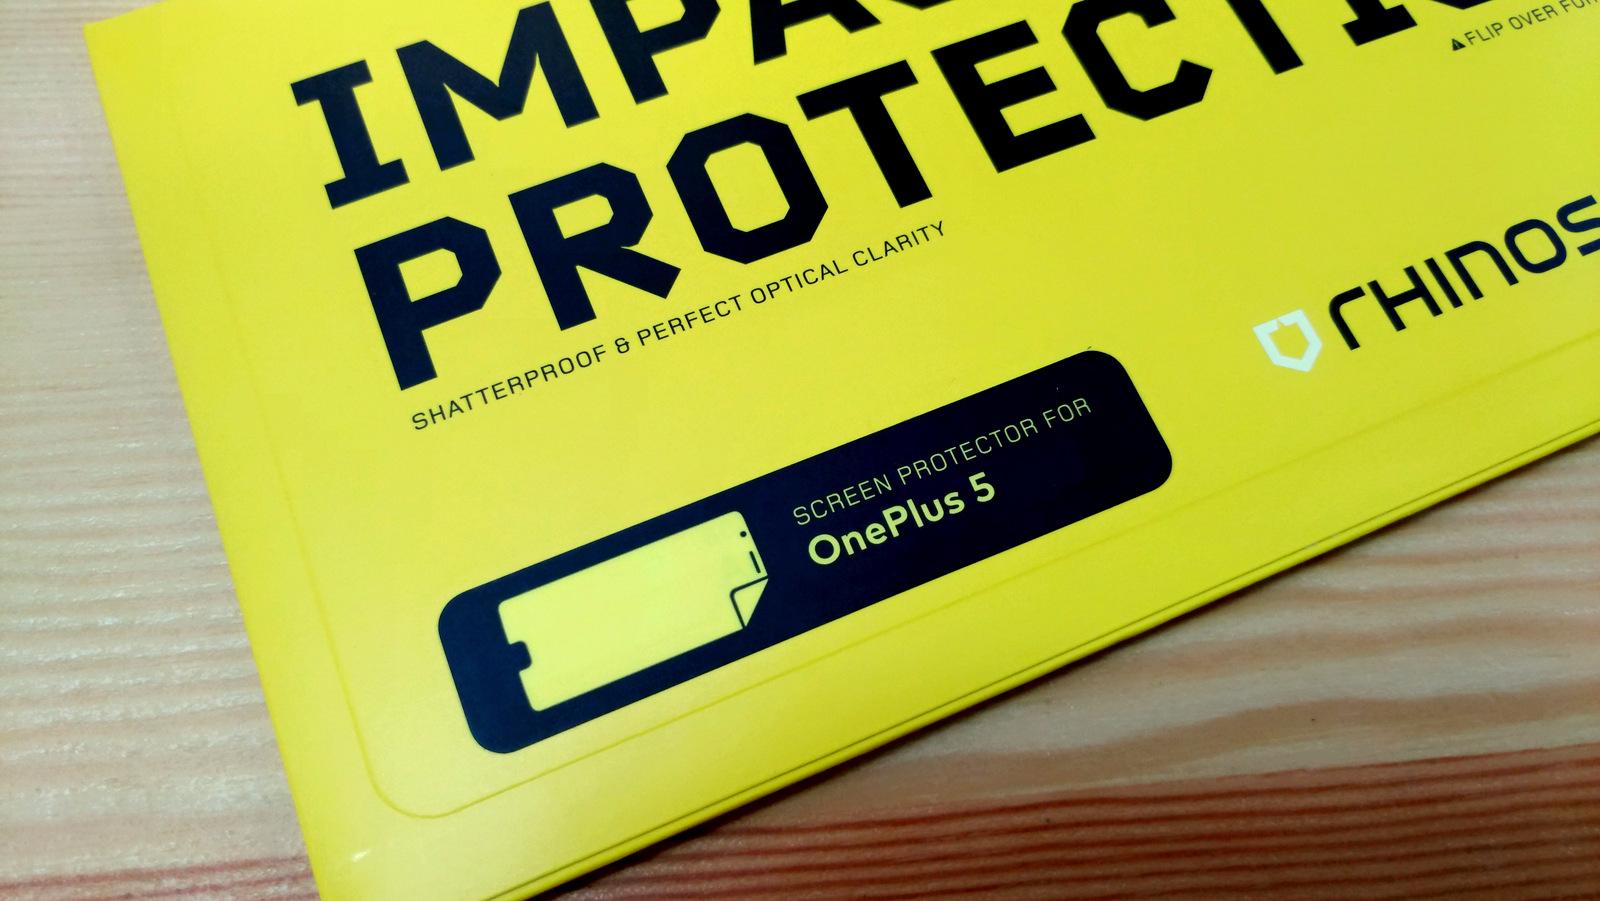 OnePlus 5 Case Hong Kong Rhino Shield _03